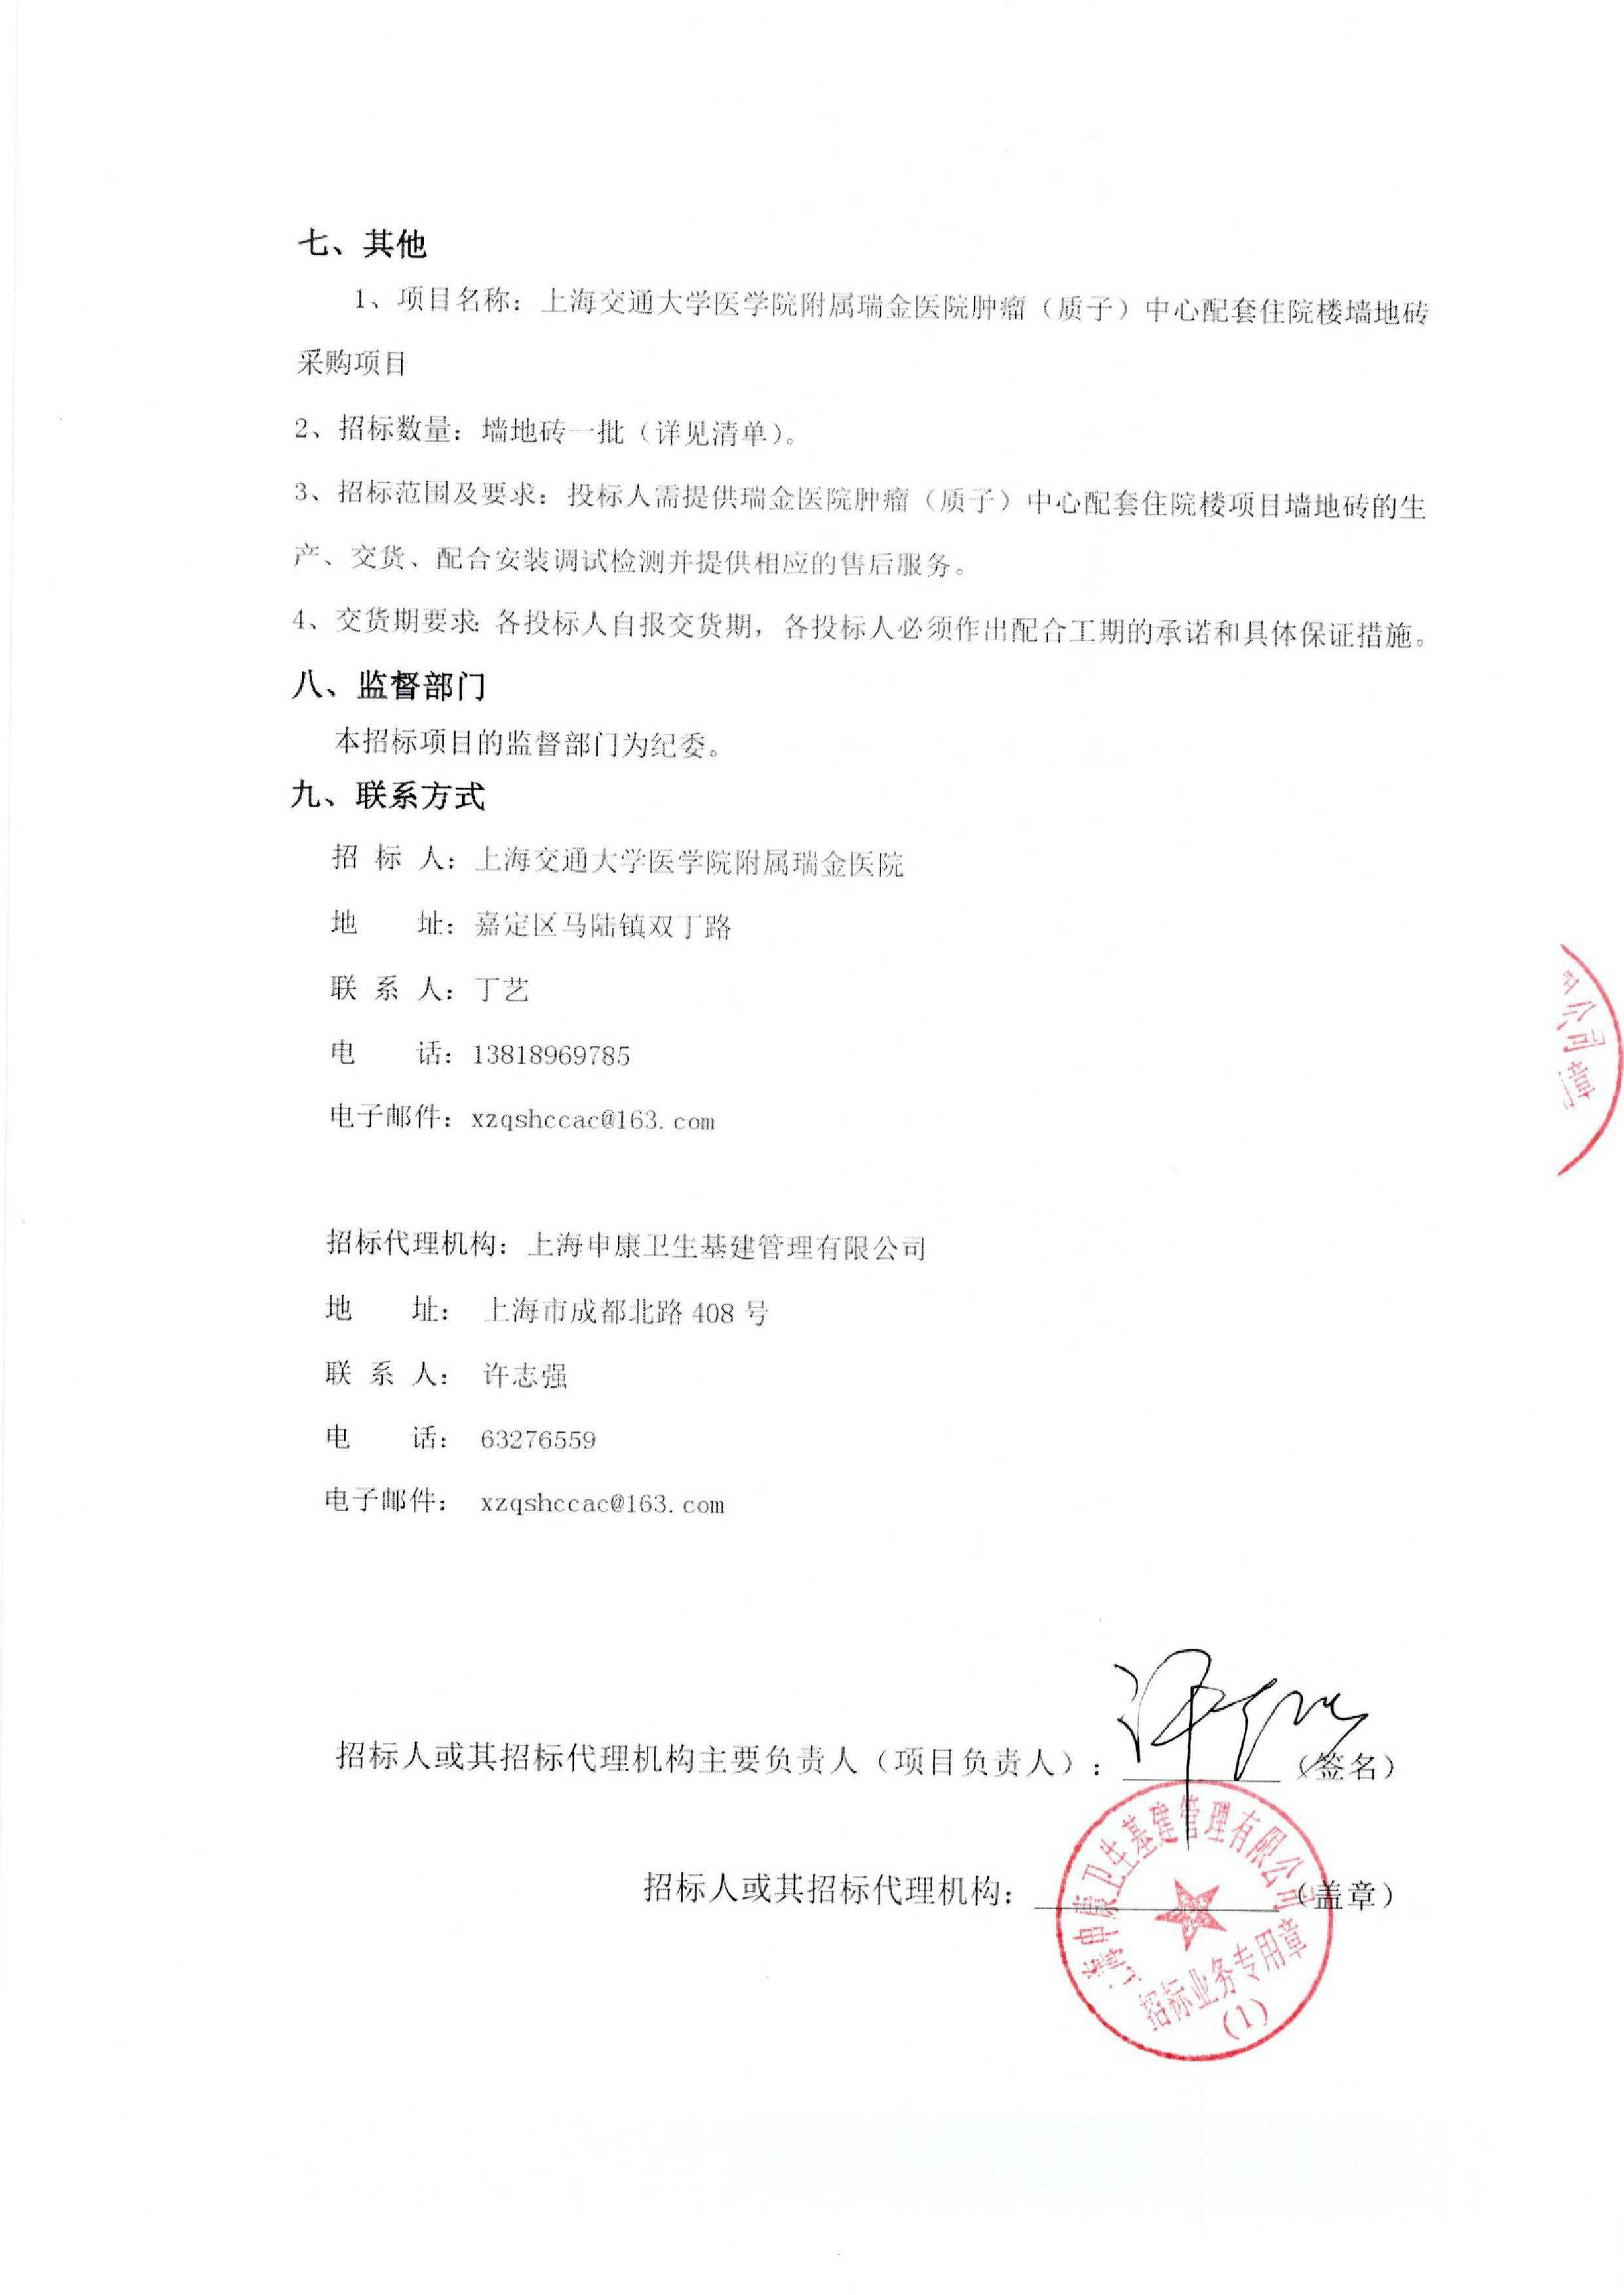 上海经济侦查大队_爱特梅尔公司上海 电话_上海侦查公司电话